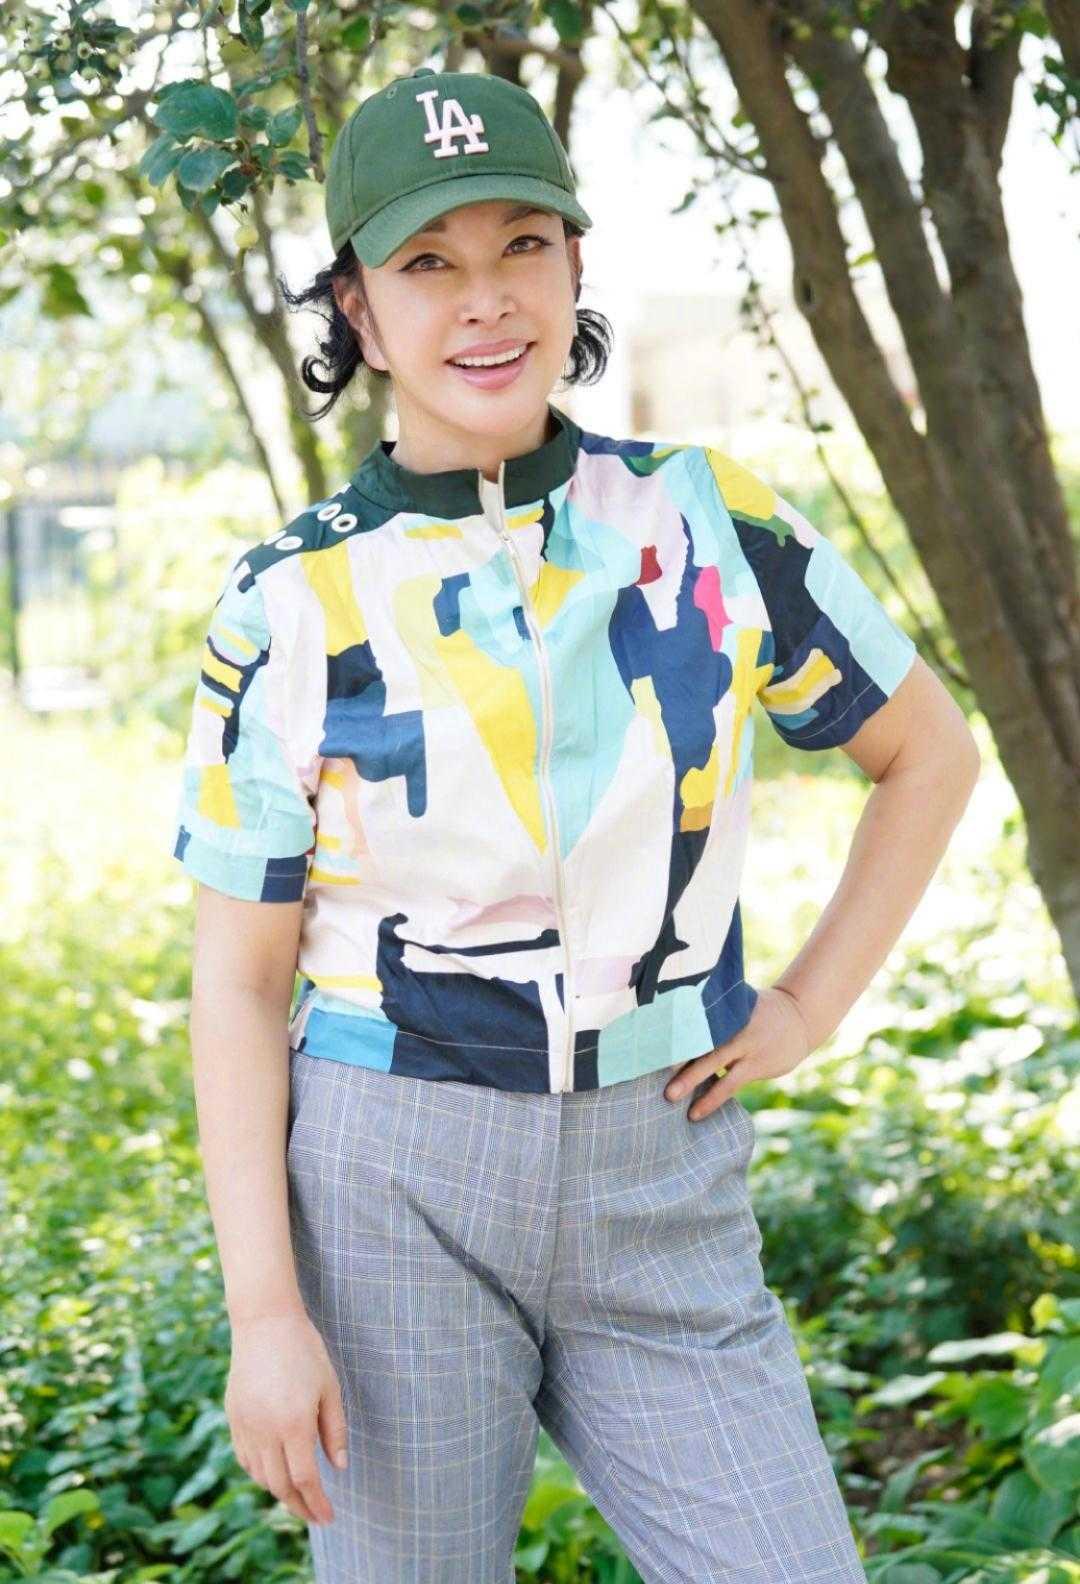 刘晓庆保养得真好,穿彩色衣配条纹裤看不出年龄感,大妈该学学